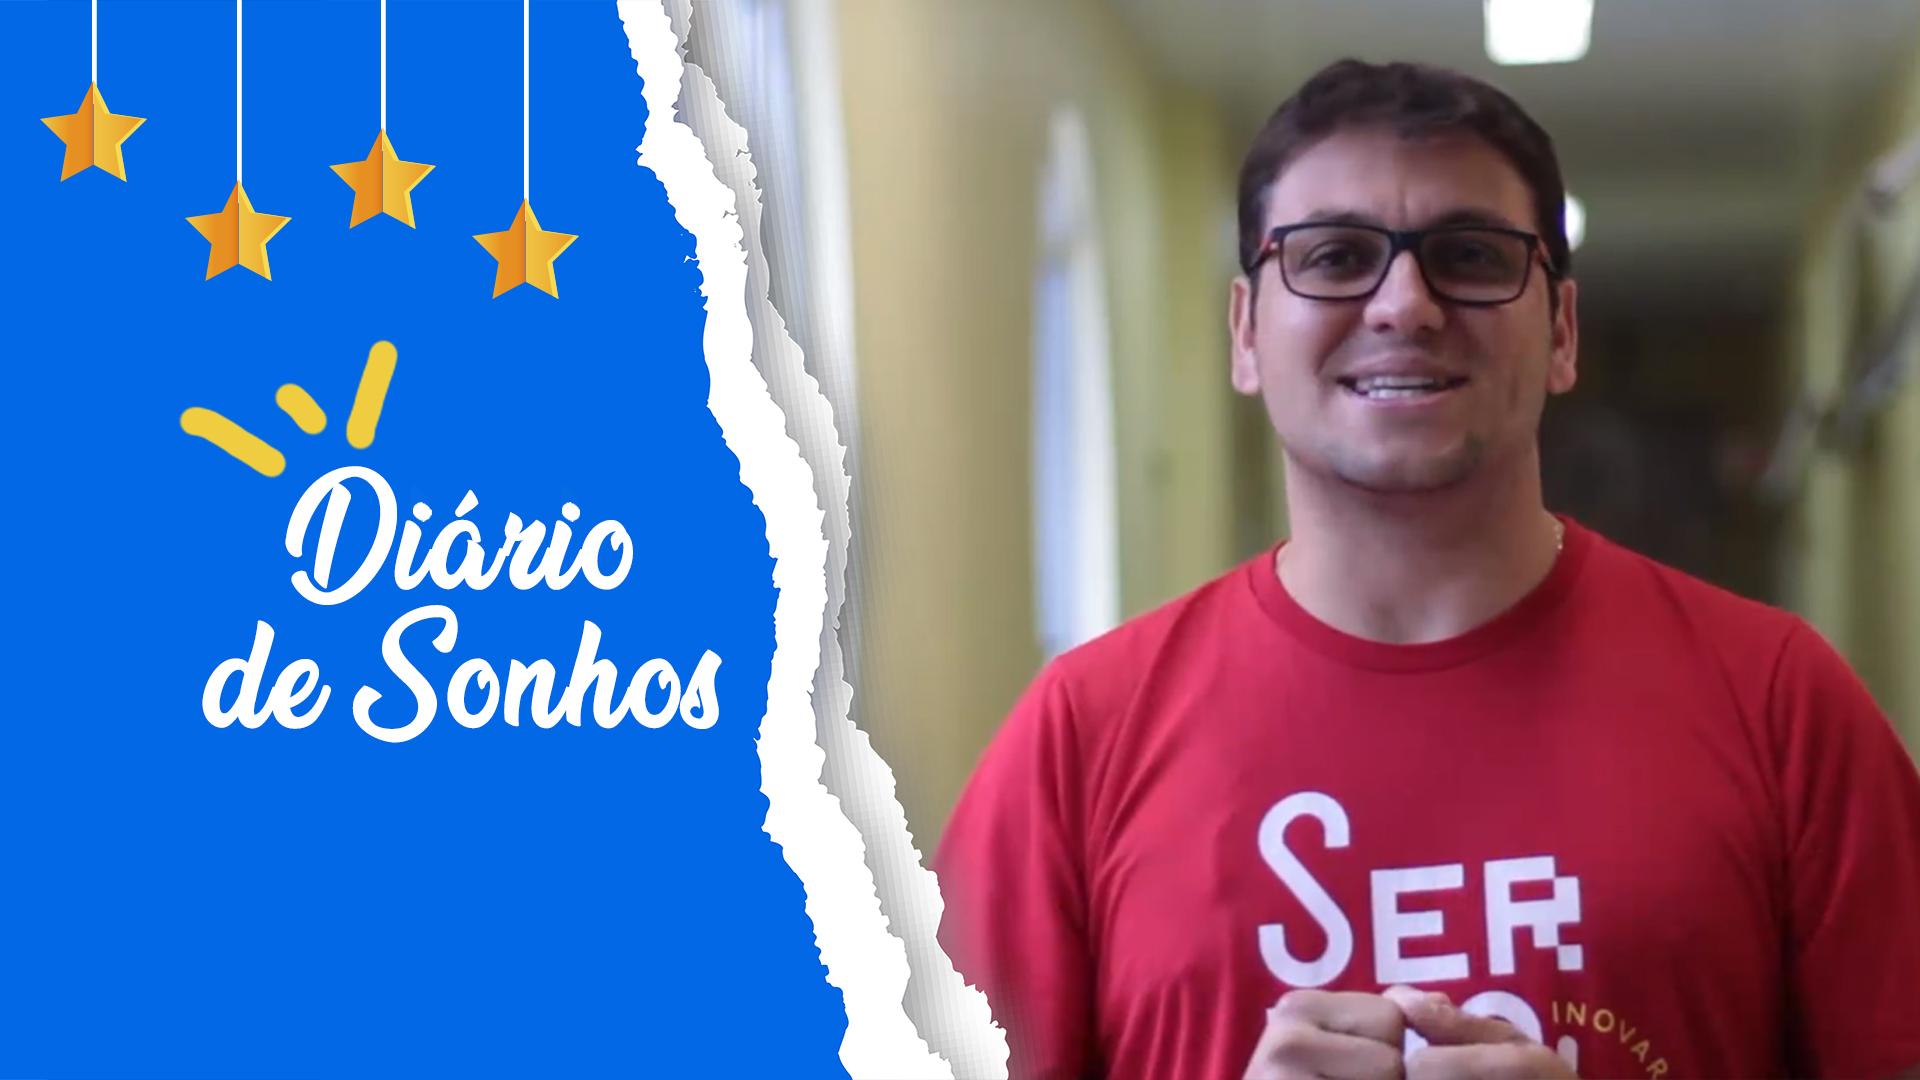 AJS do IMA adere ao Projeto Diário de Sonhos!